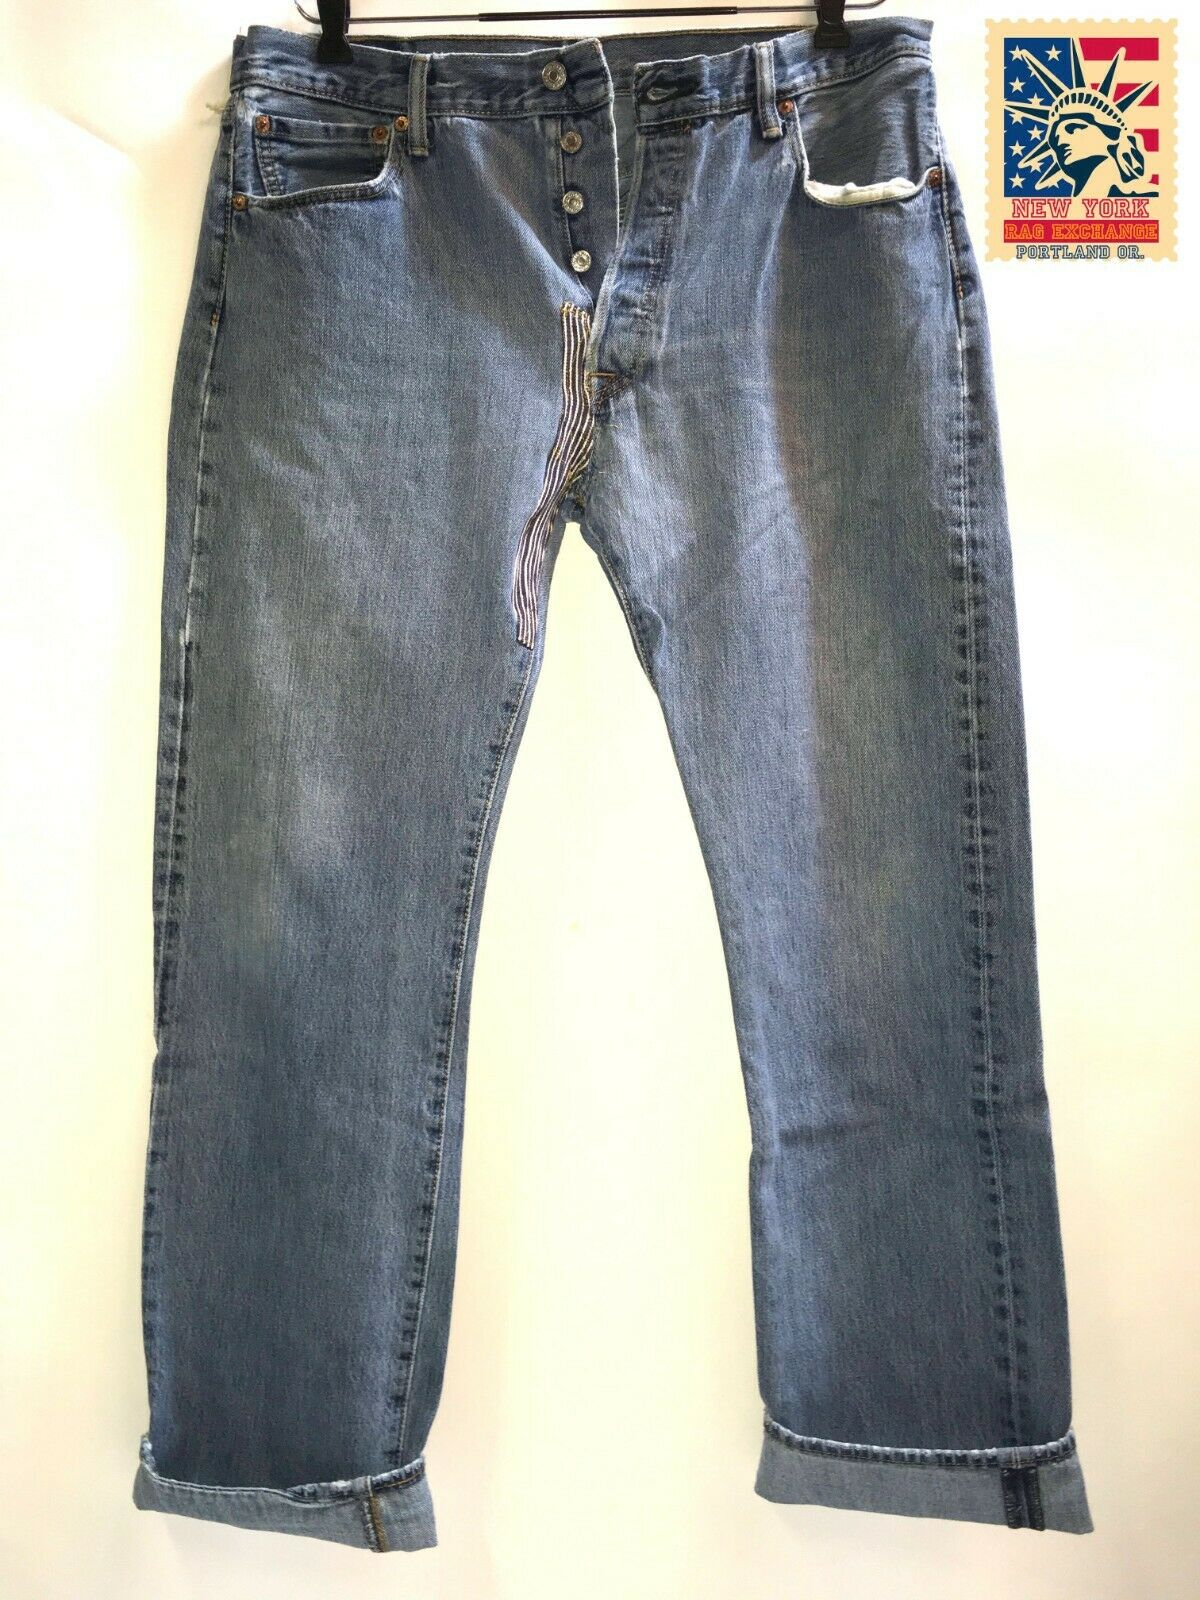 Levi's 501 Jeans Distressed Work Denim W36 x L32 … - image 1